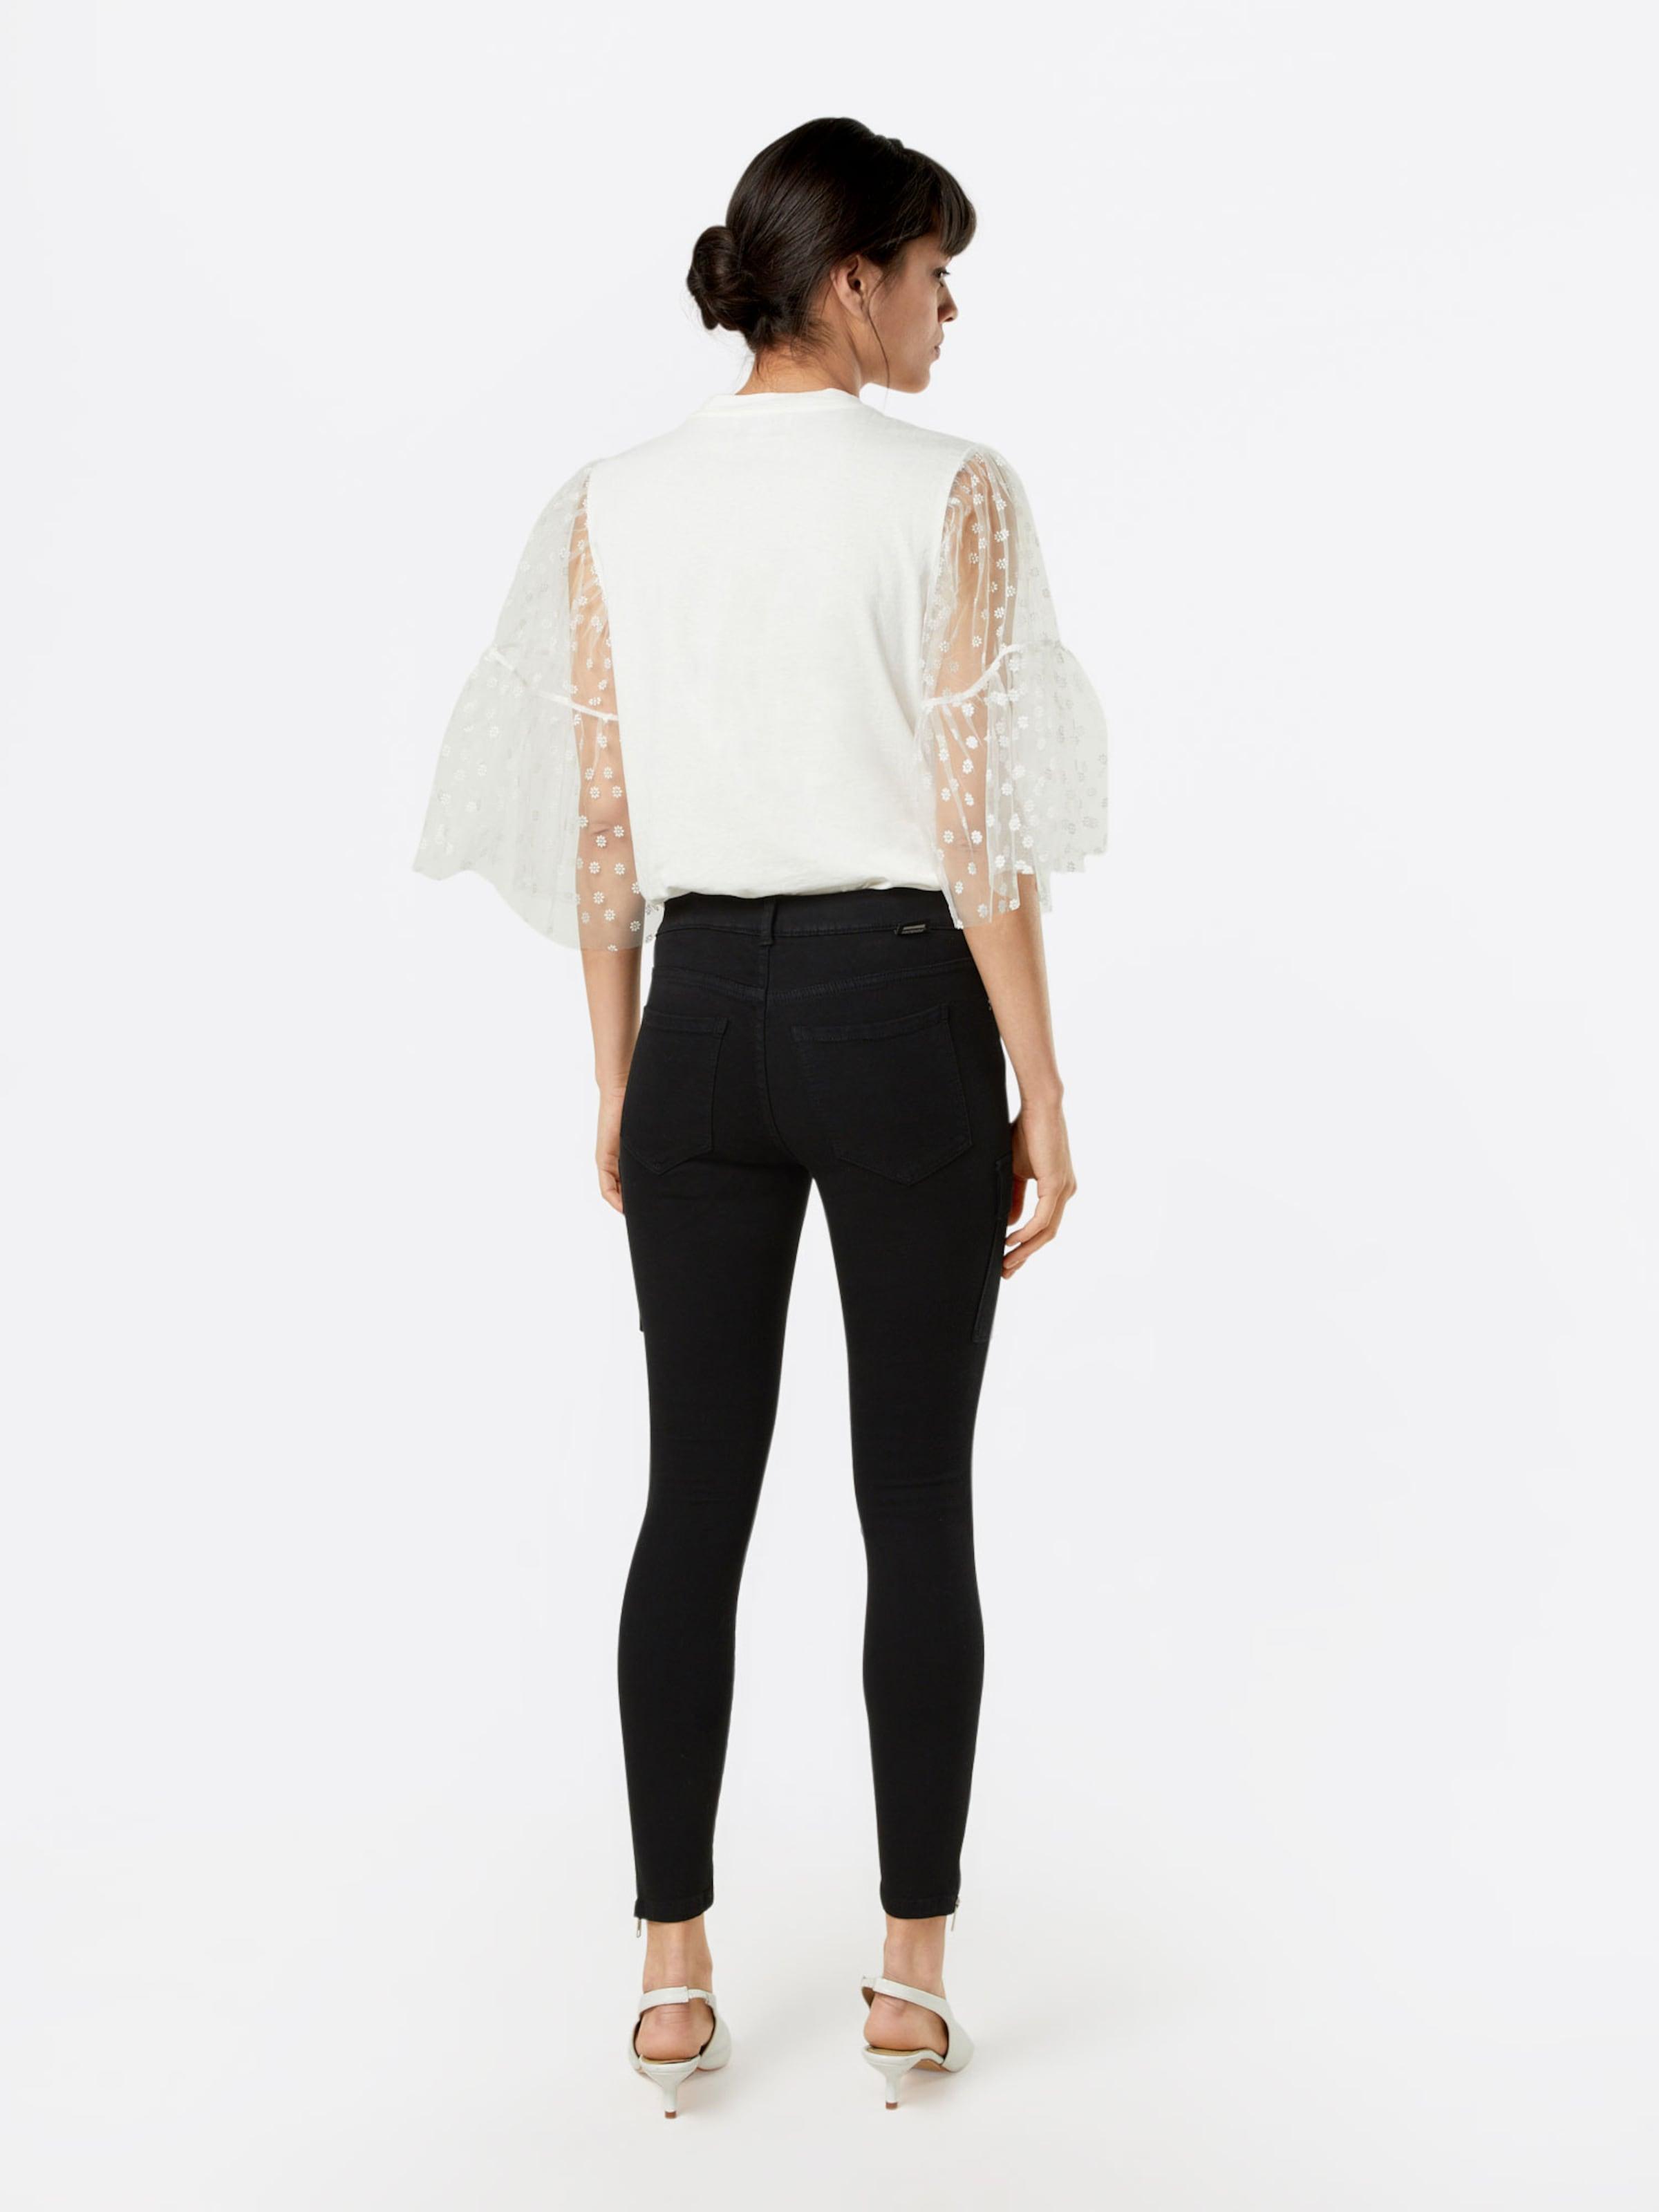 Freies Verschiffen Der Offizielle Website Dr. Denim Slim Fit Jeans 'Dezie' Zum Verkauf Rabatt Verkauf Rabatt Fälschung 2018 Neuester Günstiger Preis Rabatt Neueste LkOYRvJNKf